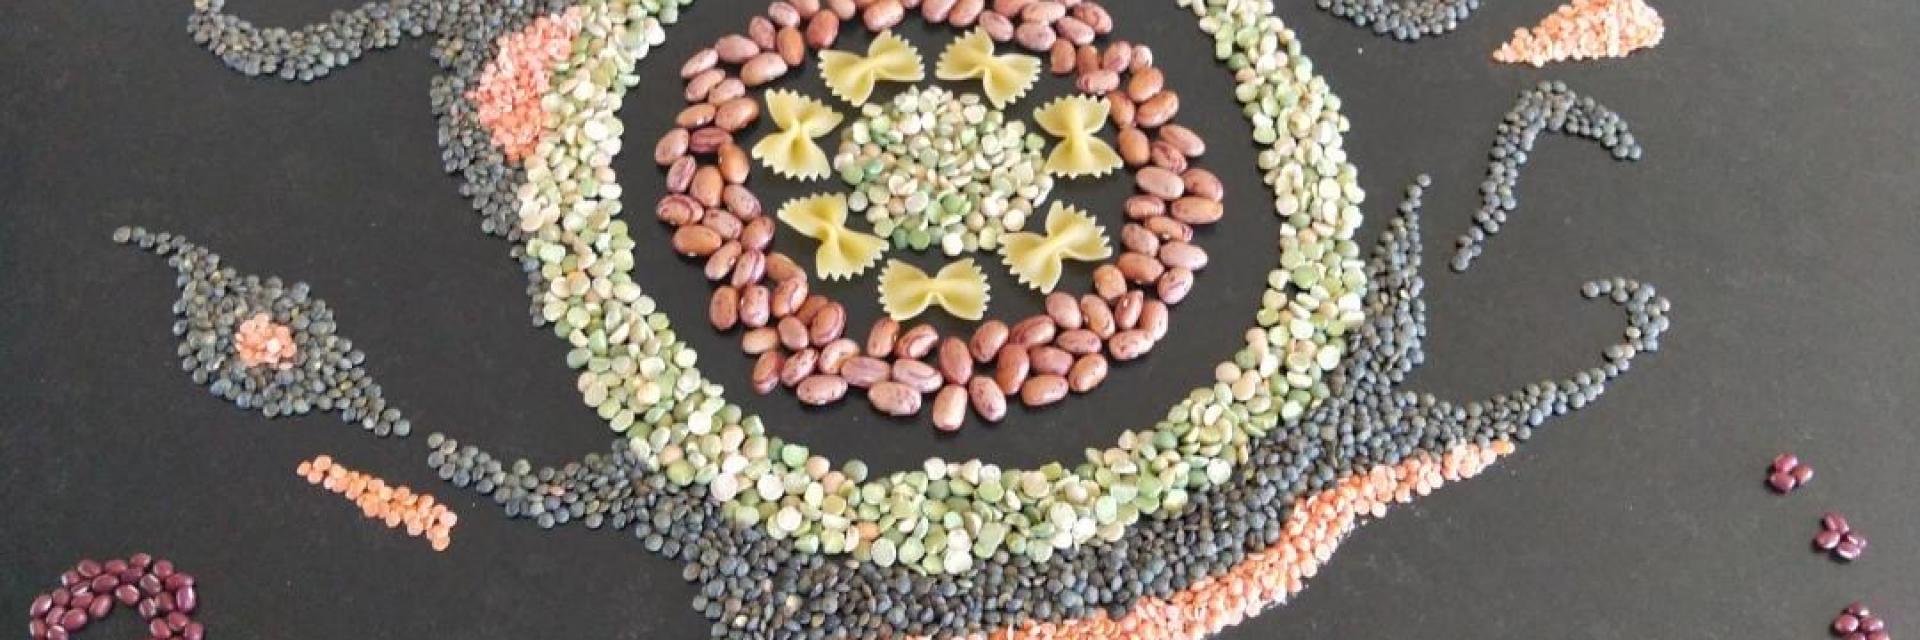 Bagnoles Orne Land Art Activite Confinement Creativite Nourriture Aliments